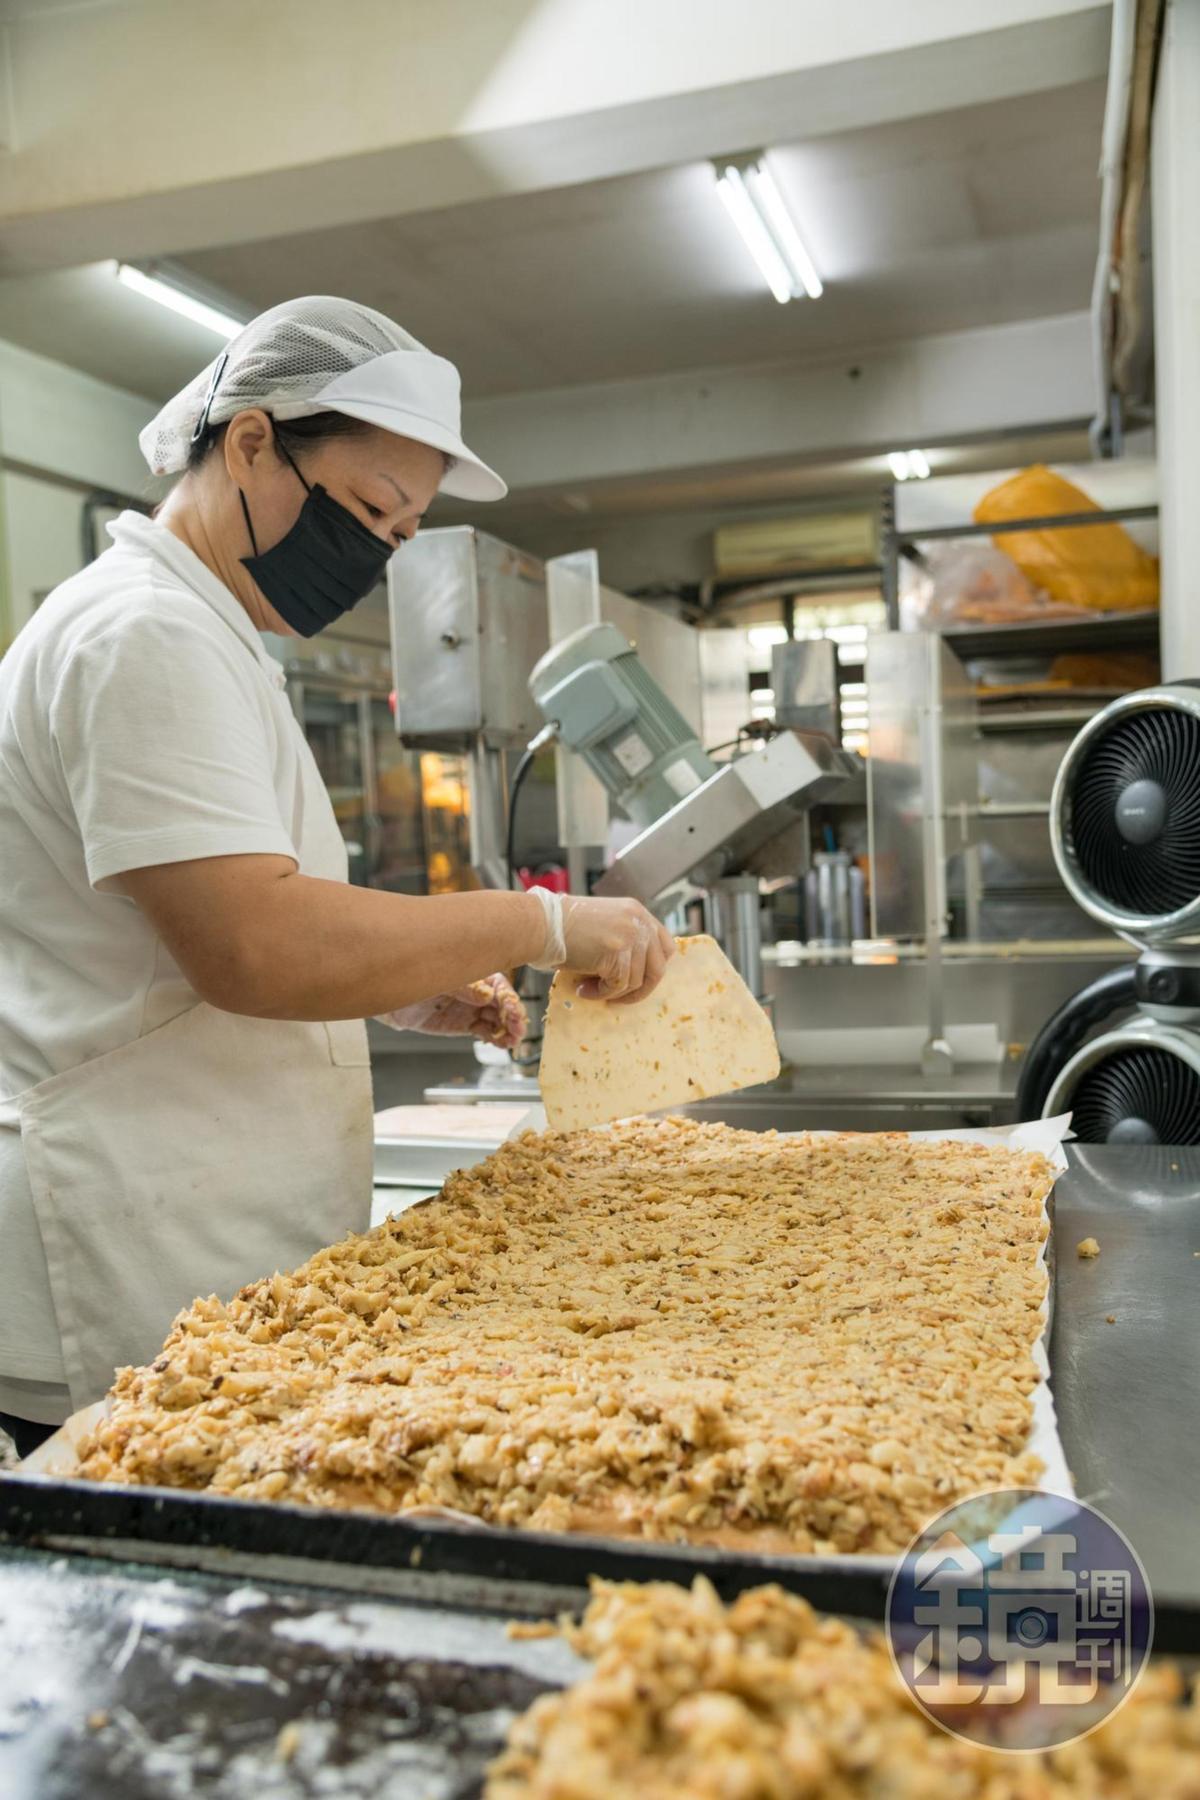 戚風蛋糕塗上美乃滋後,鋪上大量竹筍餡,視覺很澎湃。